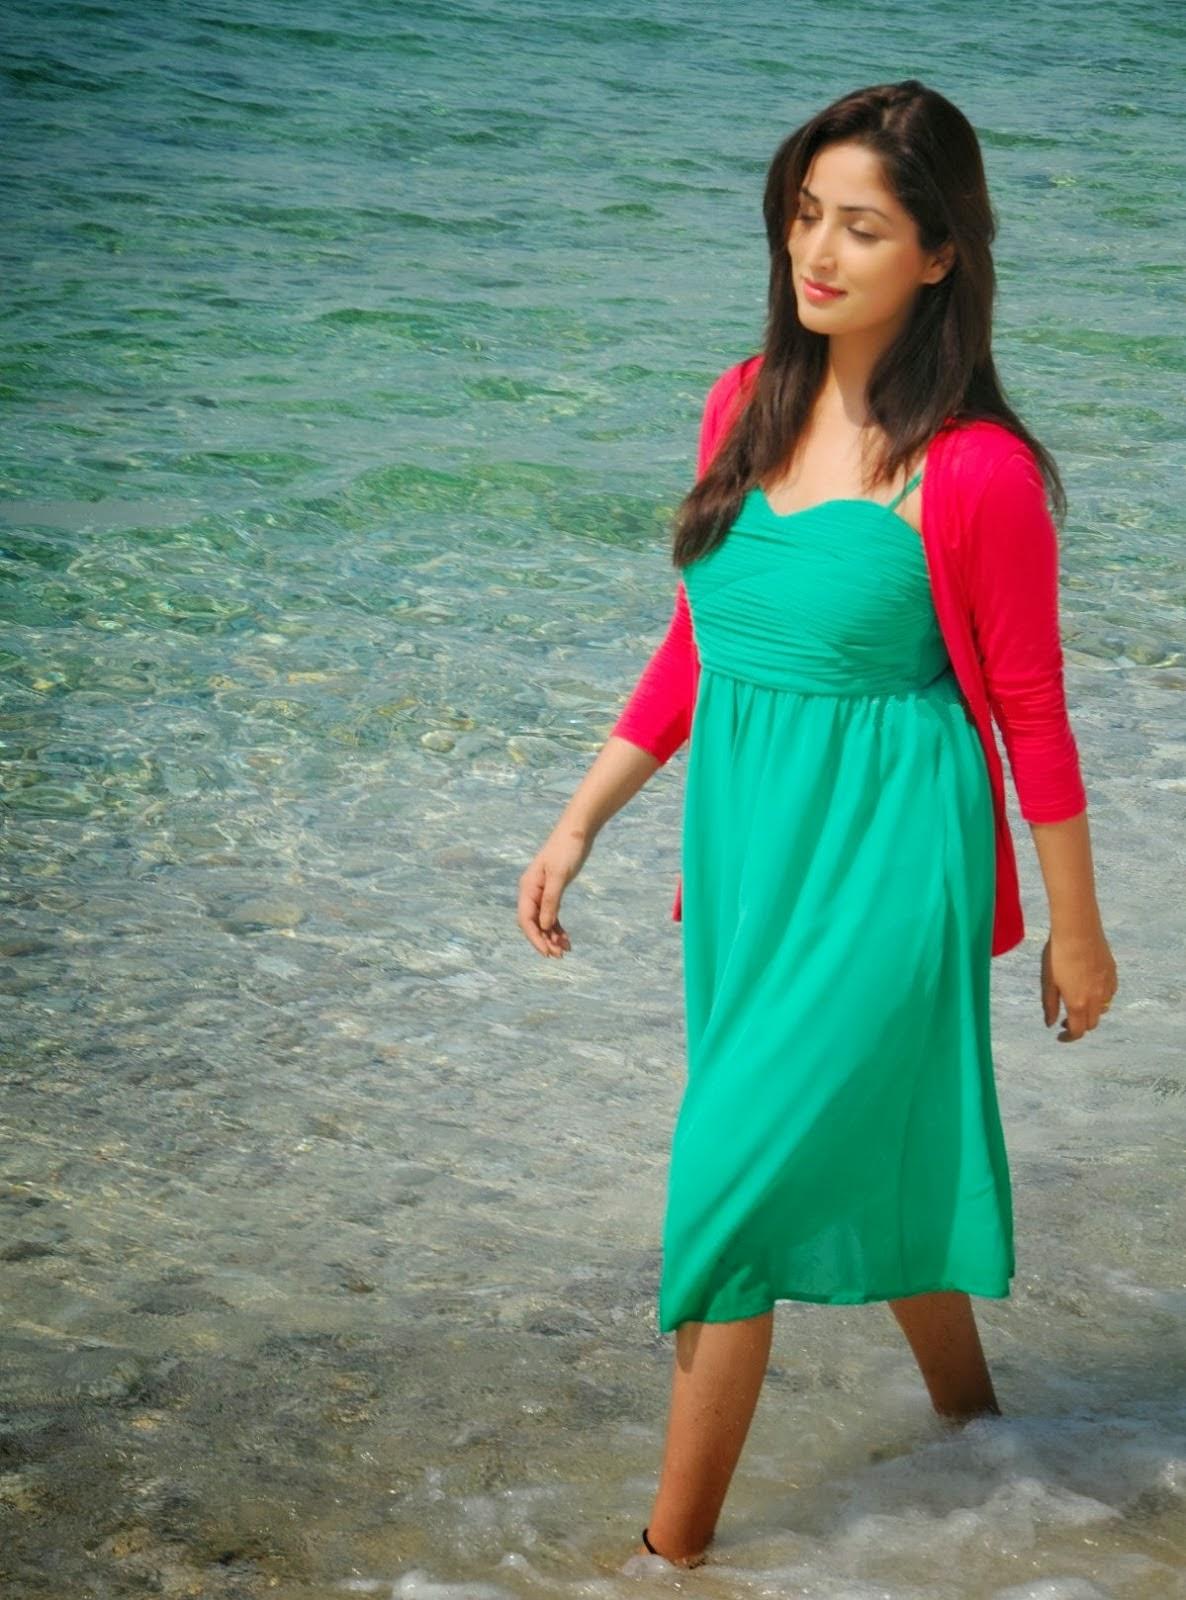 Katrina Kaif Ki Nangi Bf Photo